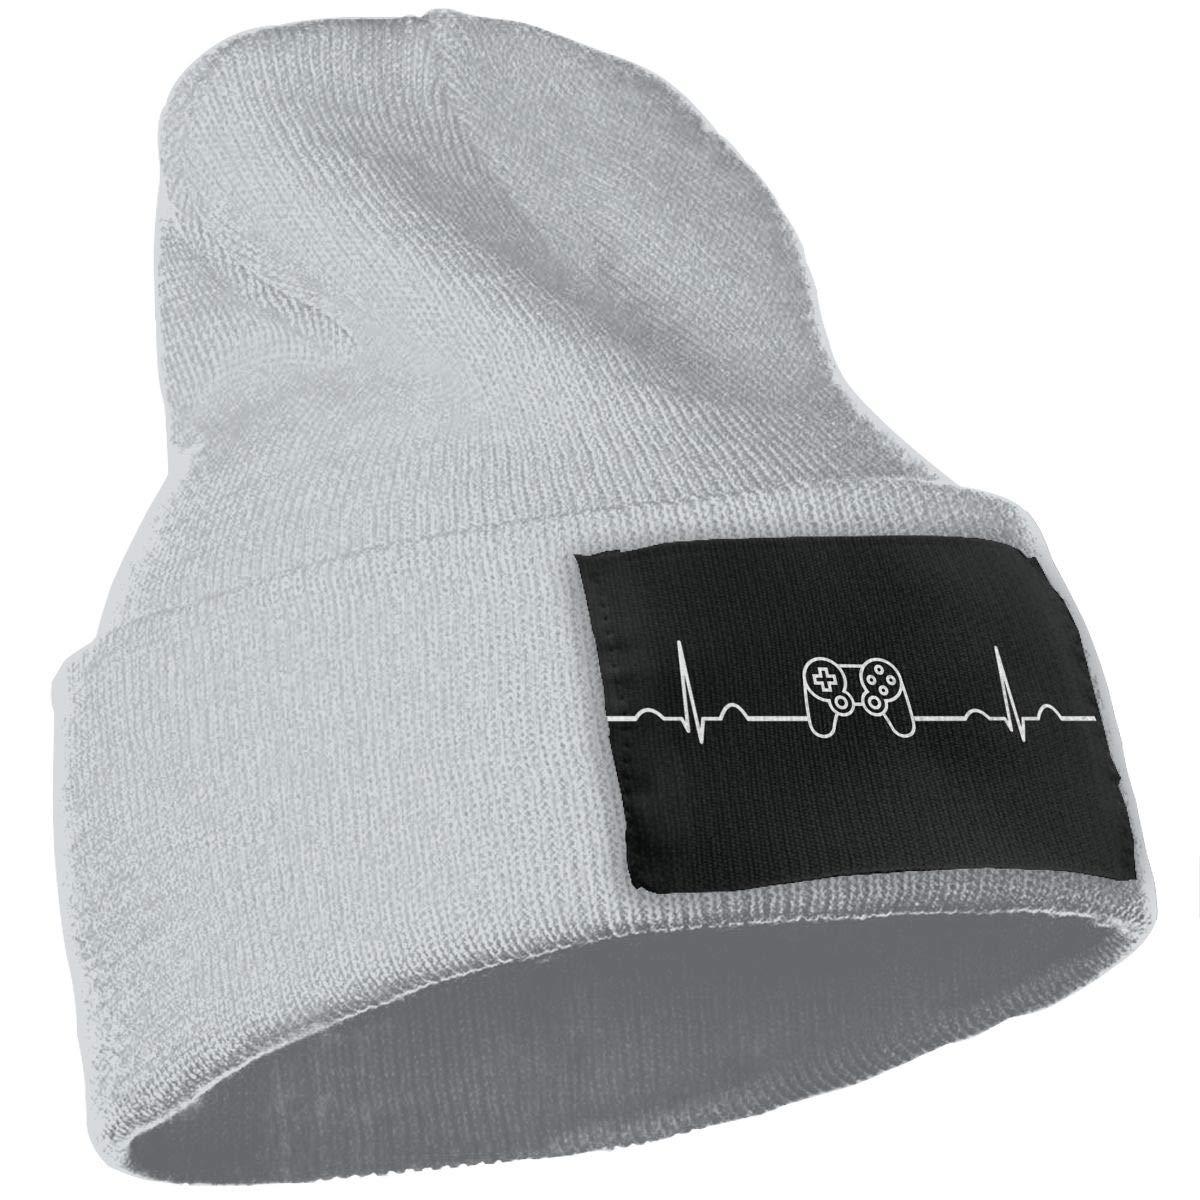 Gamer Heartbeat Warm Winter Hat Knit Beanie Skull Cap Cuff Beanie Hat Winter Hats for Men /& Women